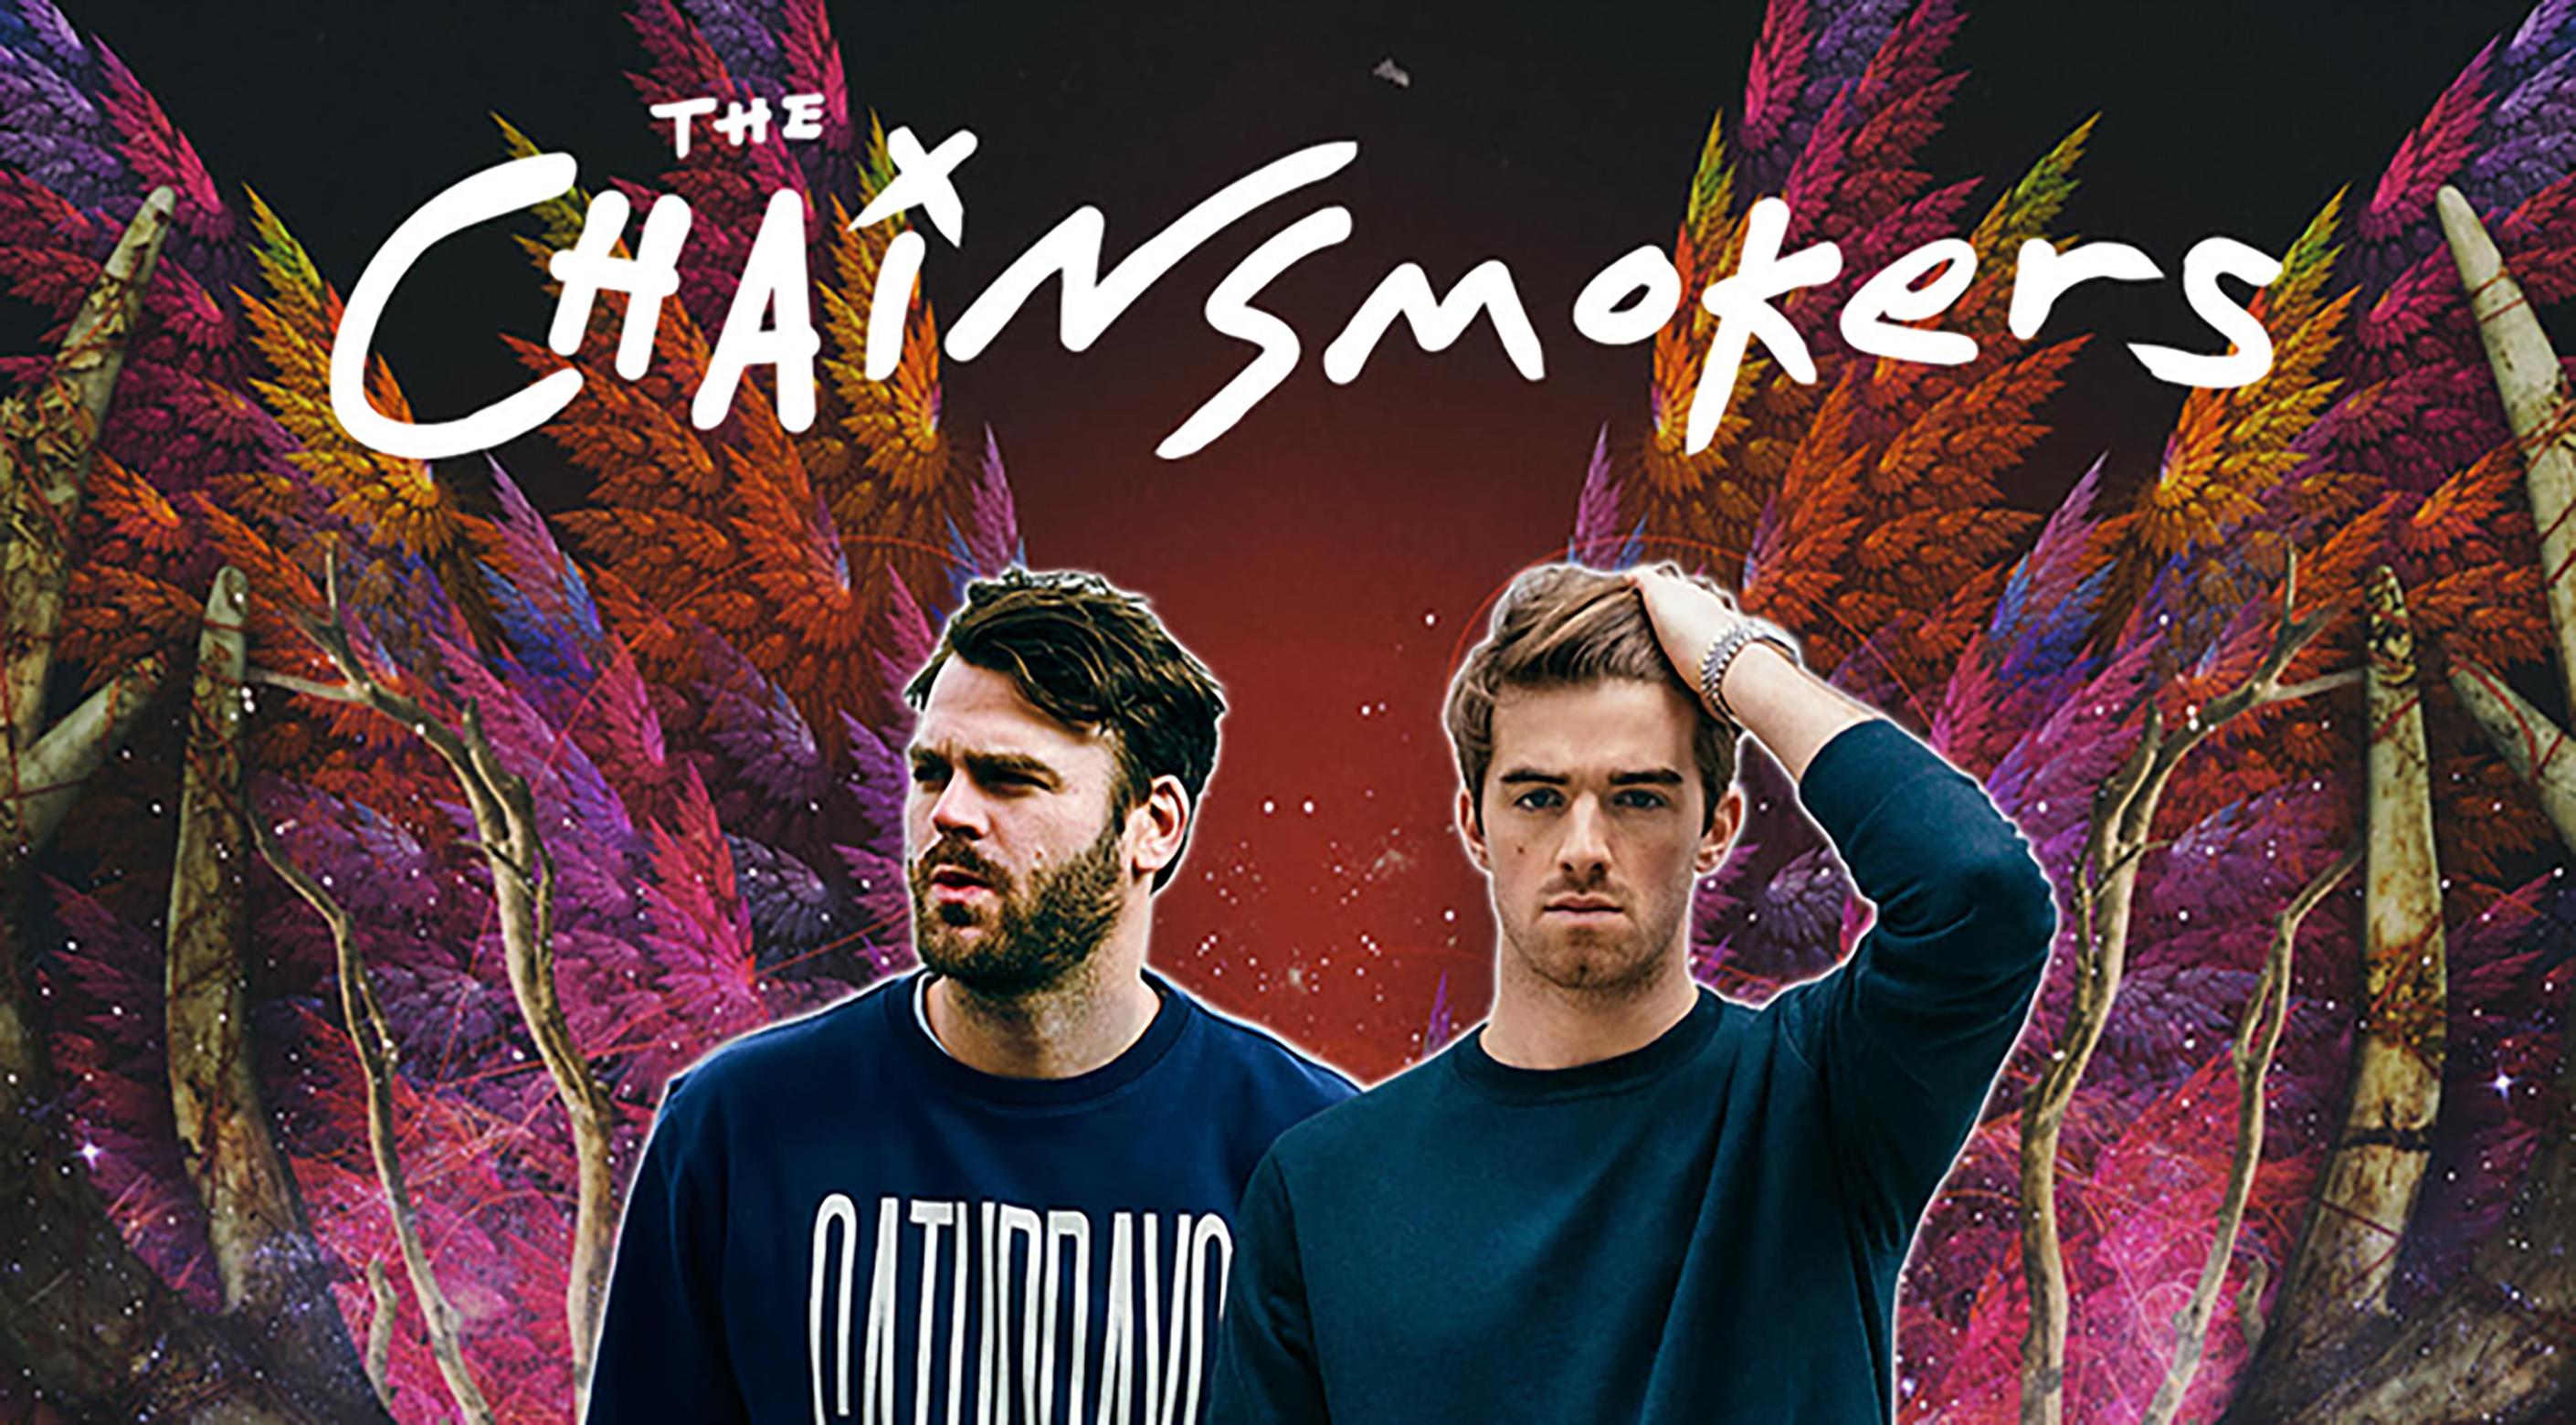 The Chainsmokers tiết lộ về album đầu tay sắp phát hành